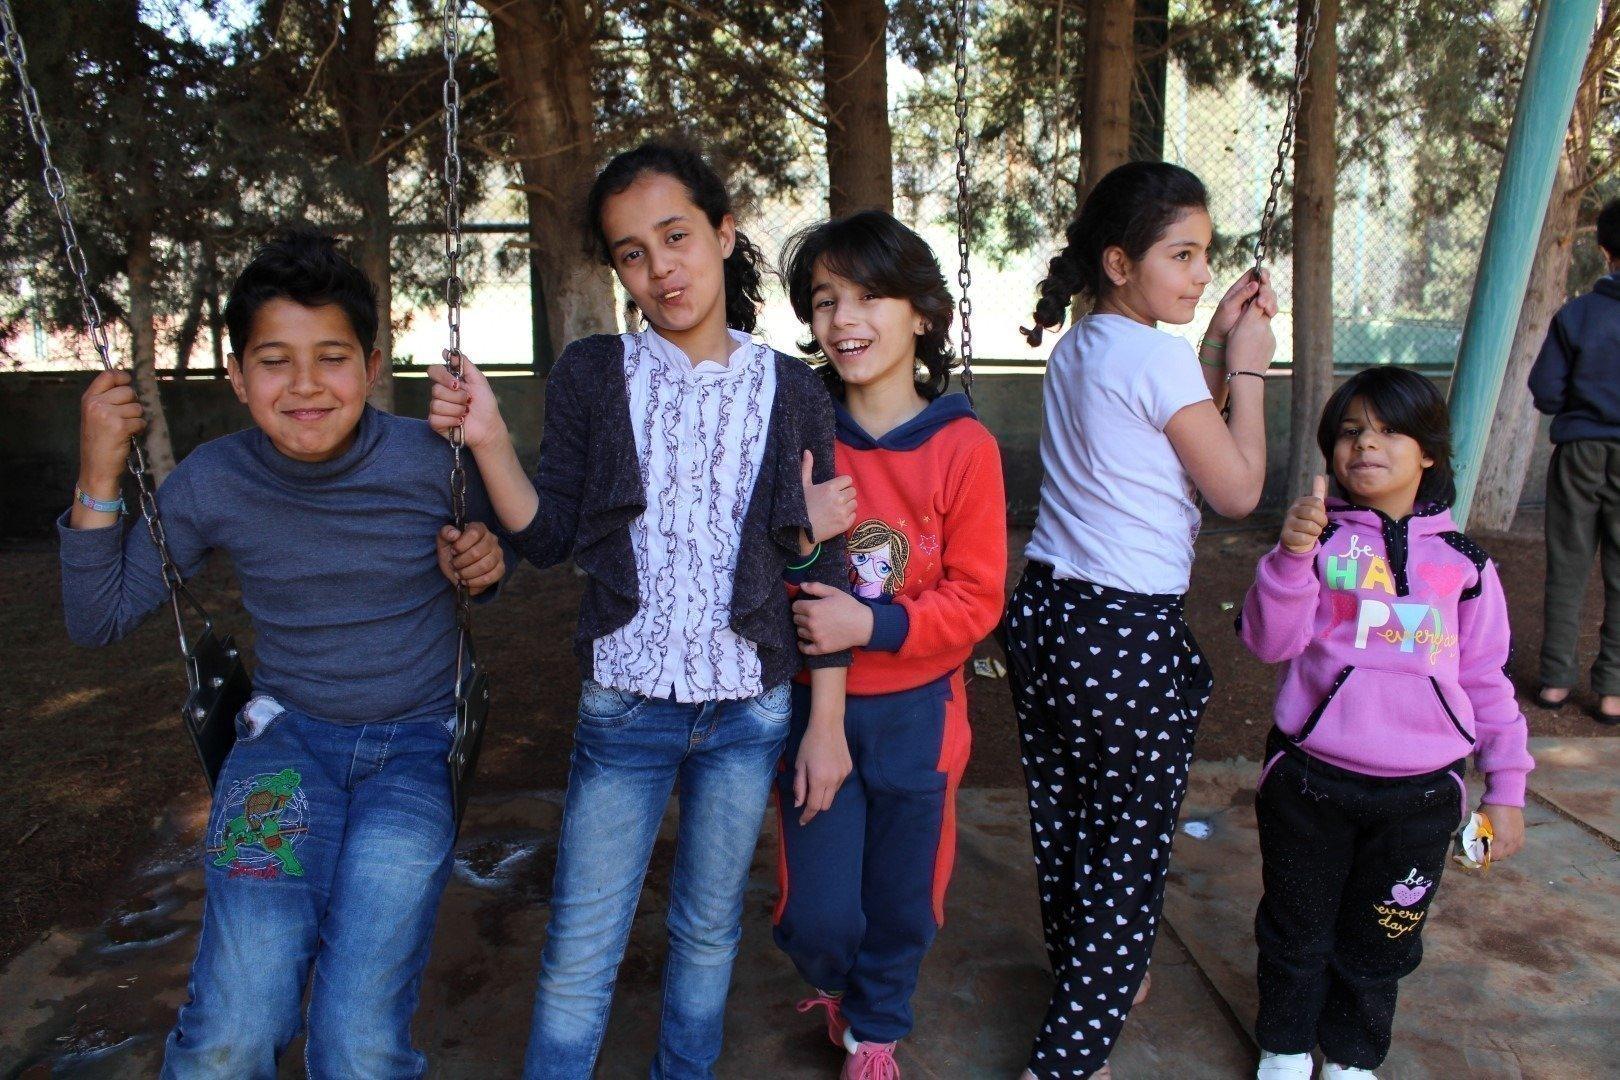 Gruppe von Kindern an Schaukeln.